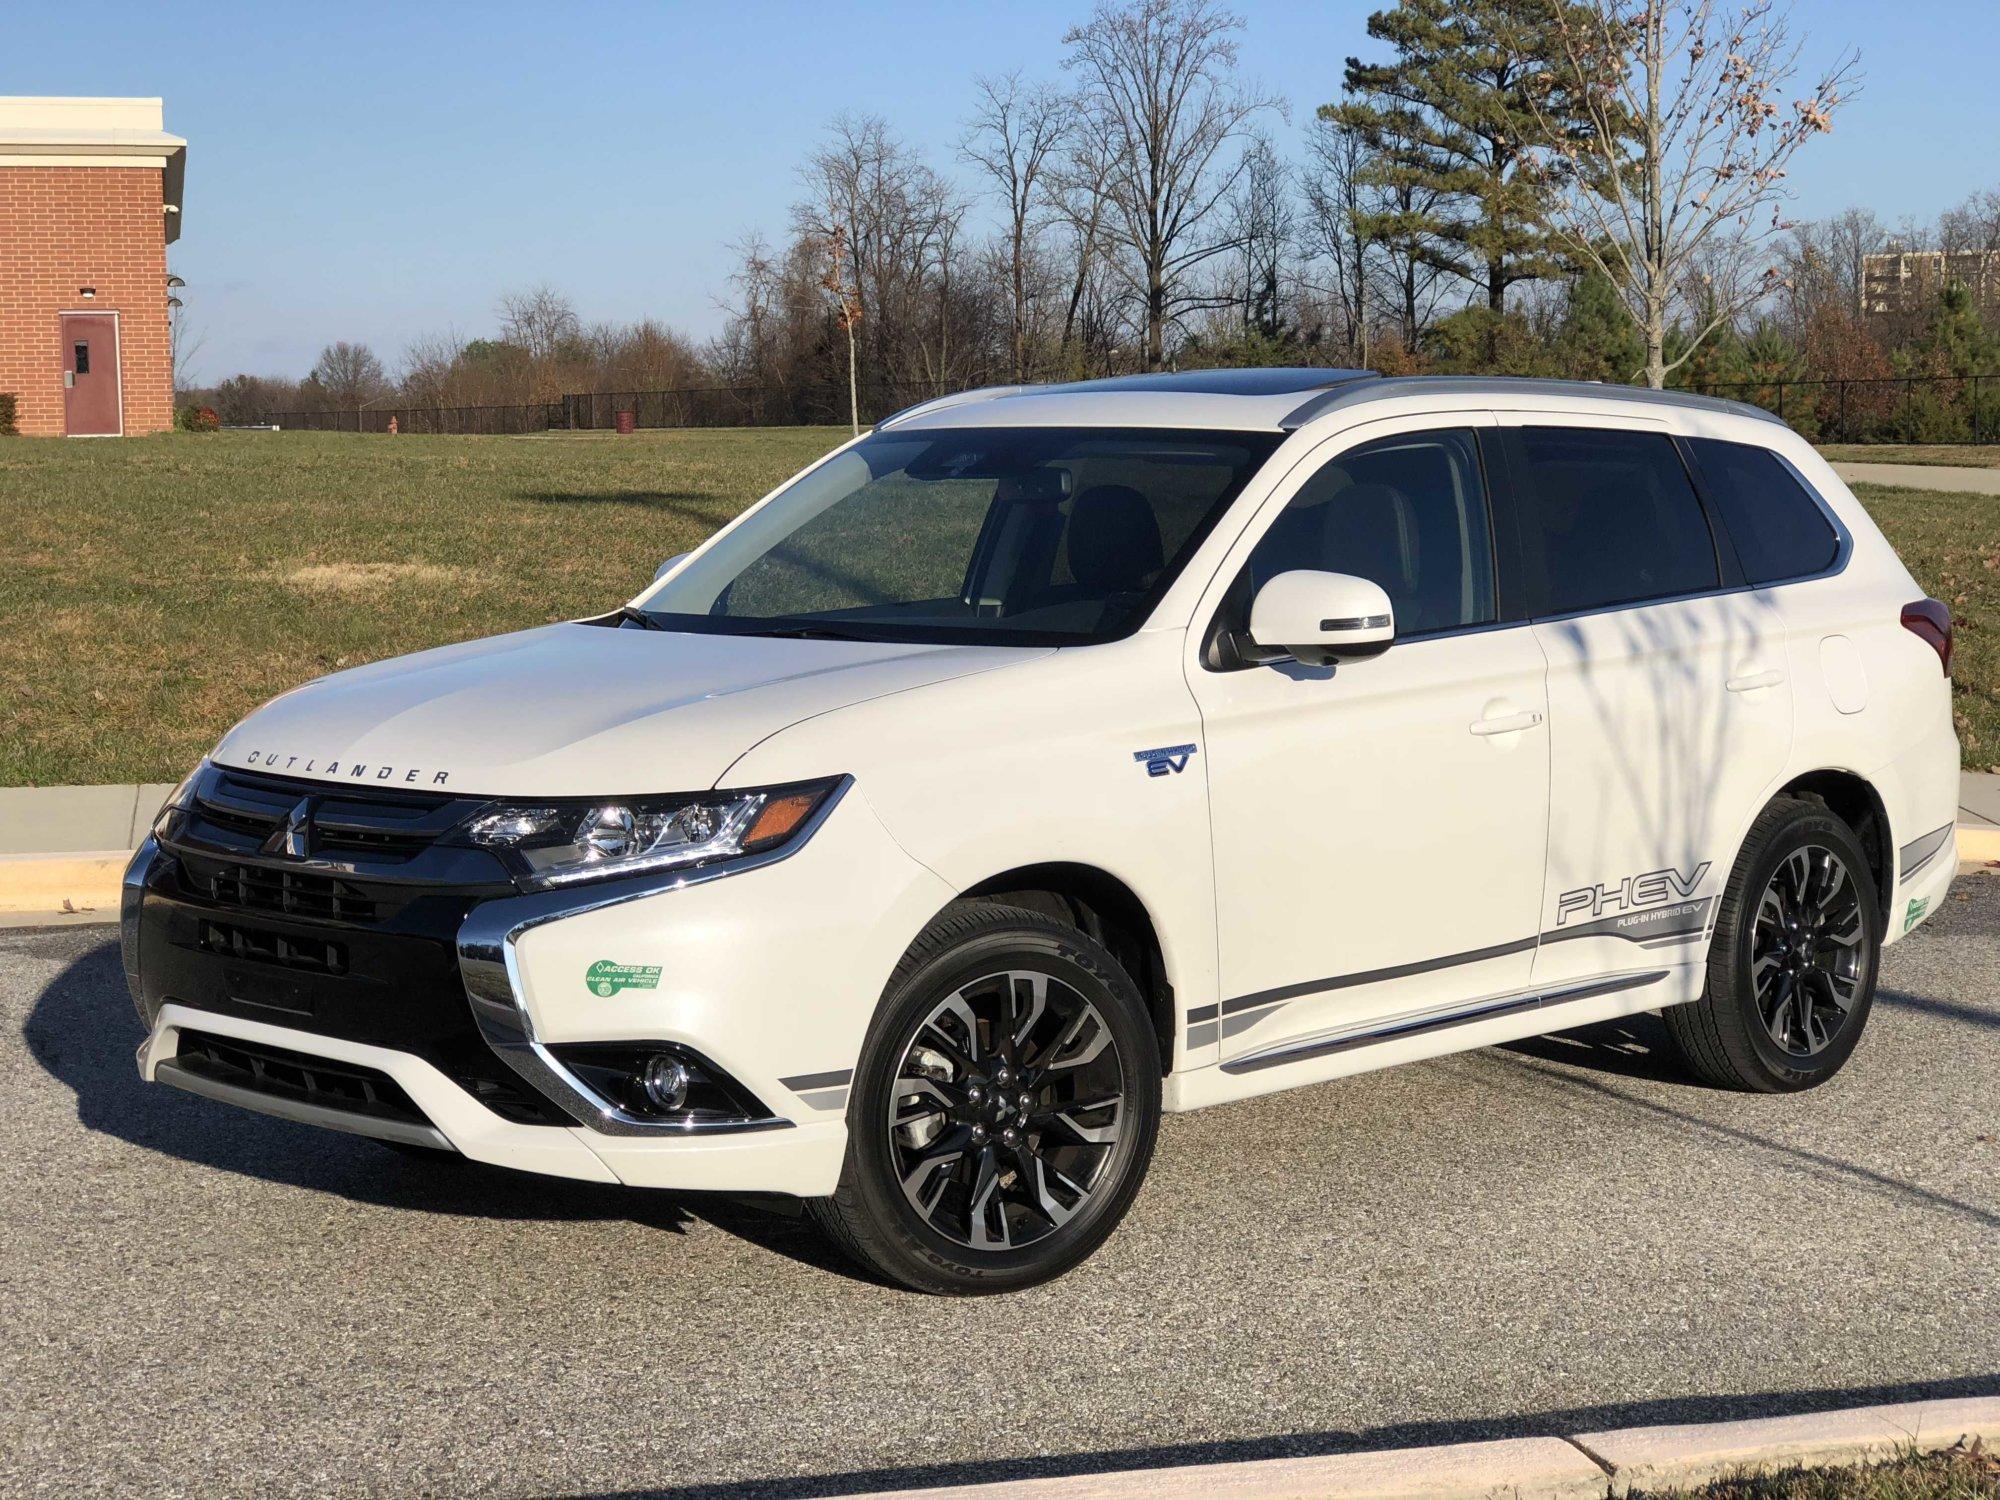 Mitsubishi outlander plug-in hybrid 2019